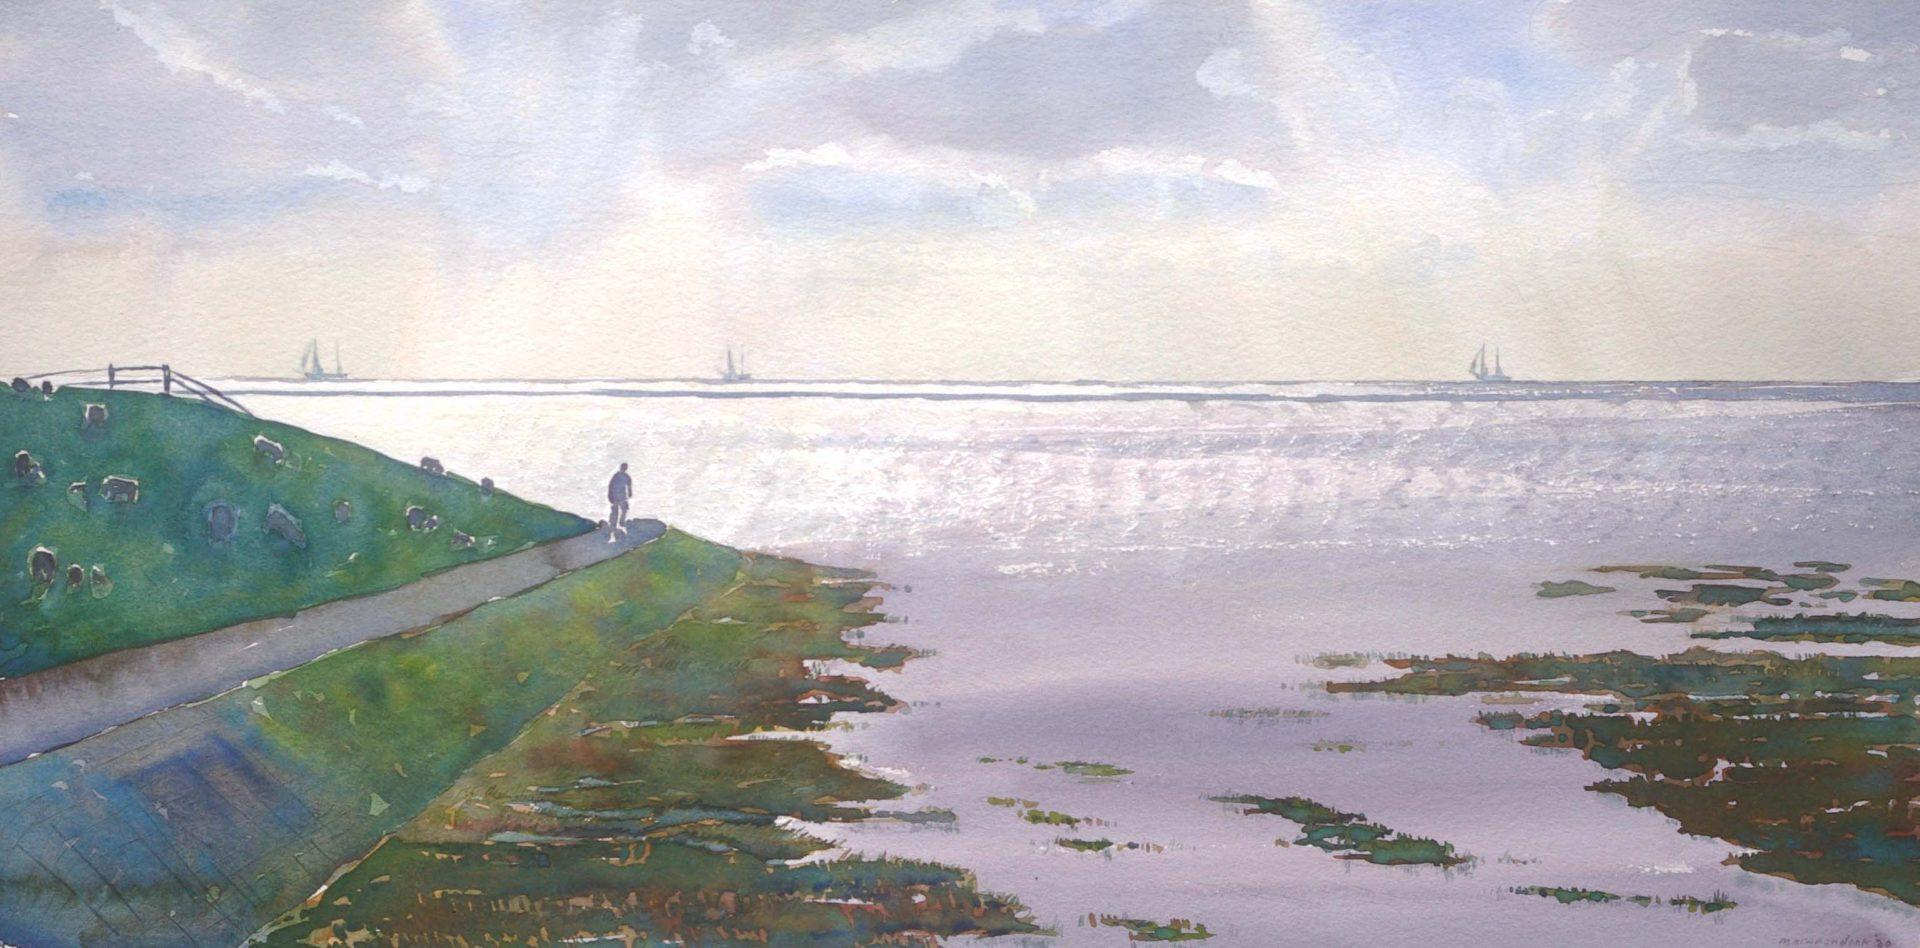 Schilderij van Fietser langs dijk Terschelling, waddendijk langs waddenzee, realisme